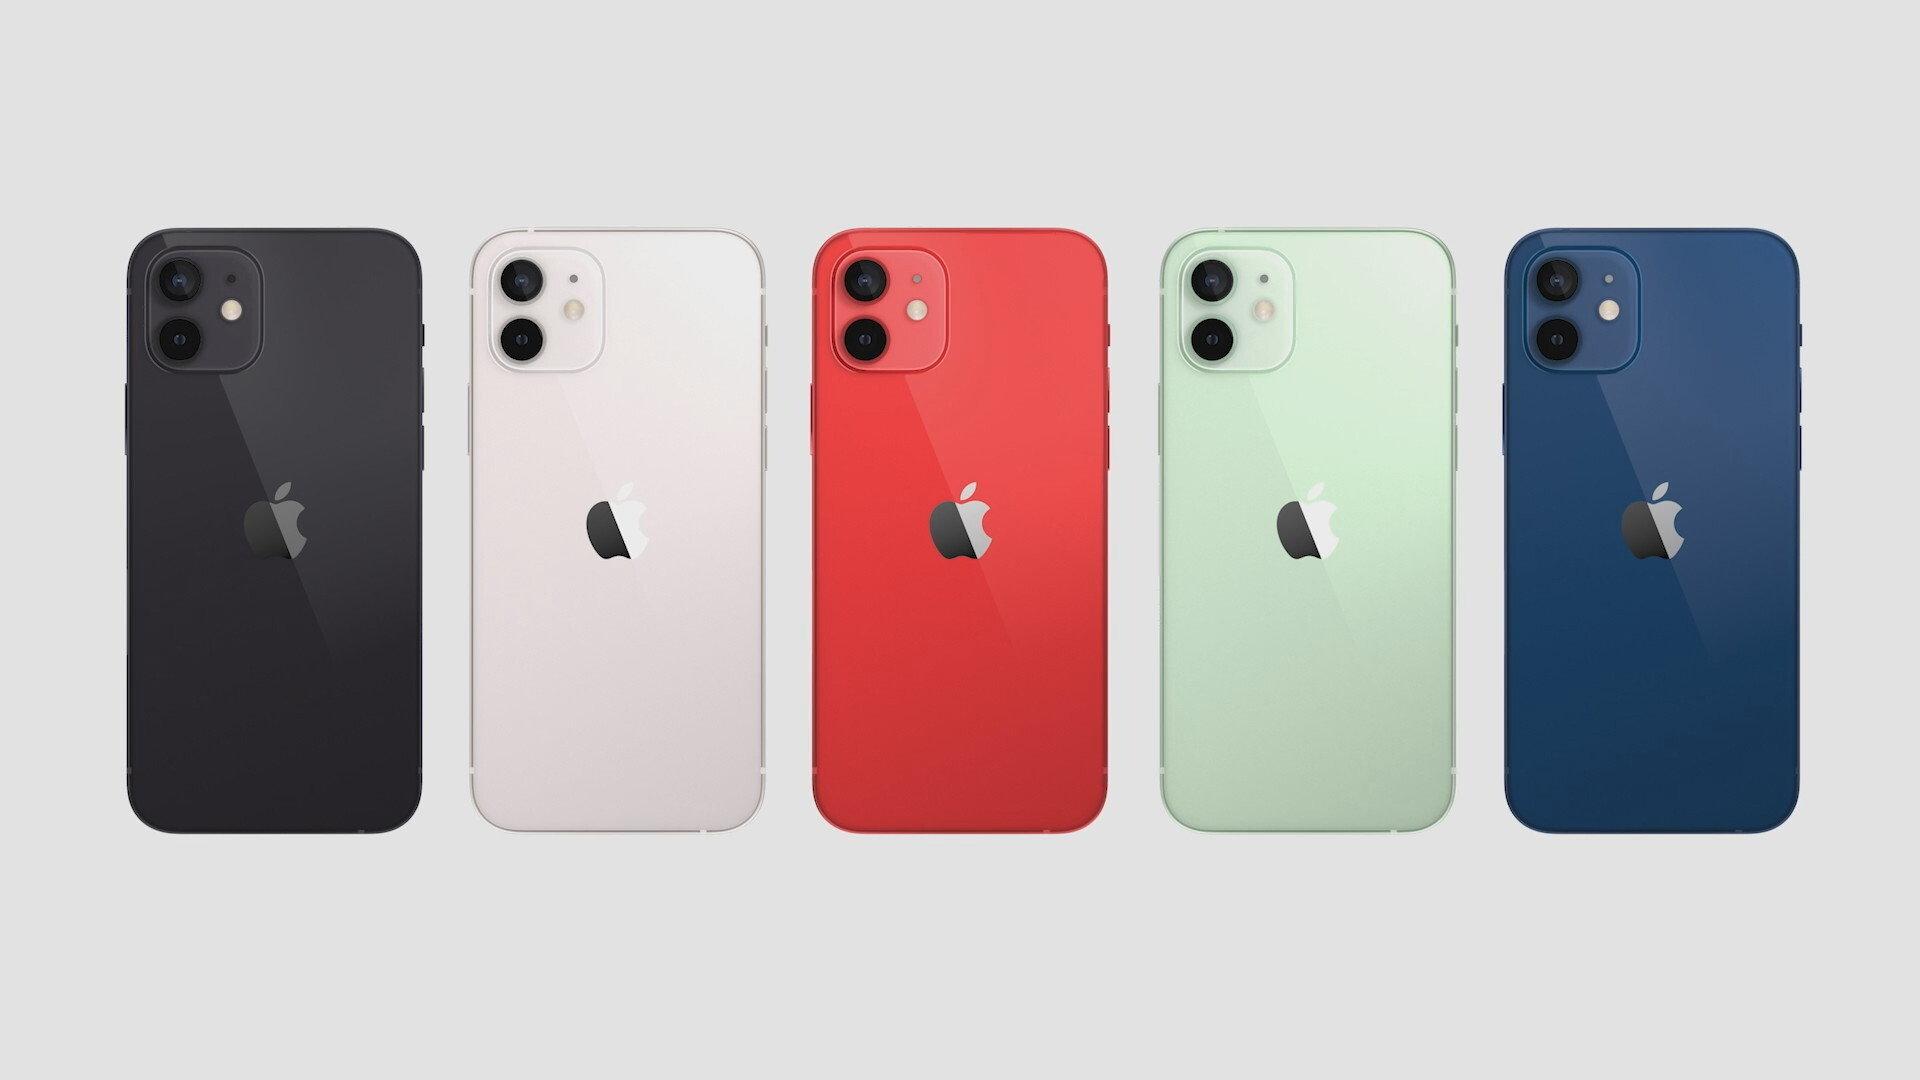 iphone12 はセラミック・シールドで割れにくい?